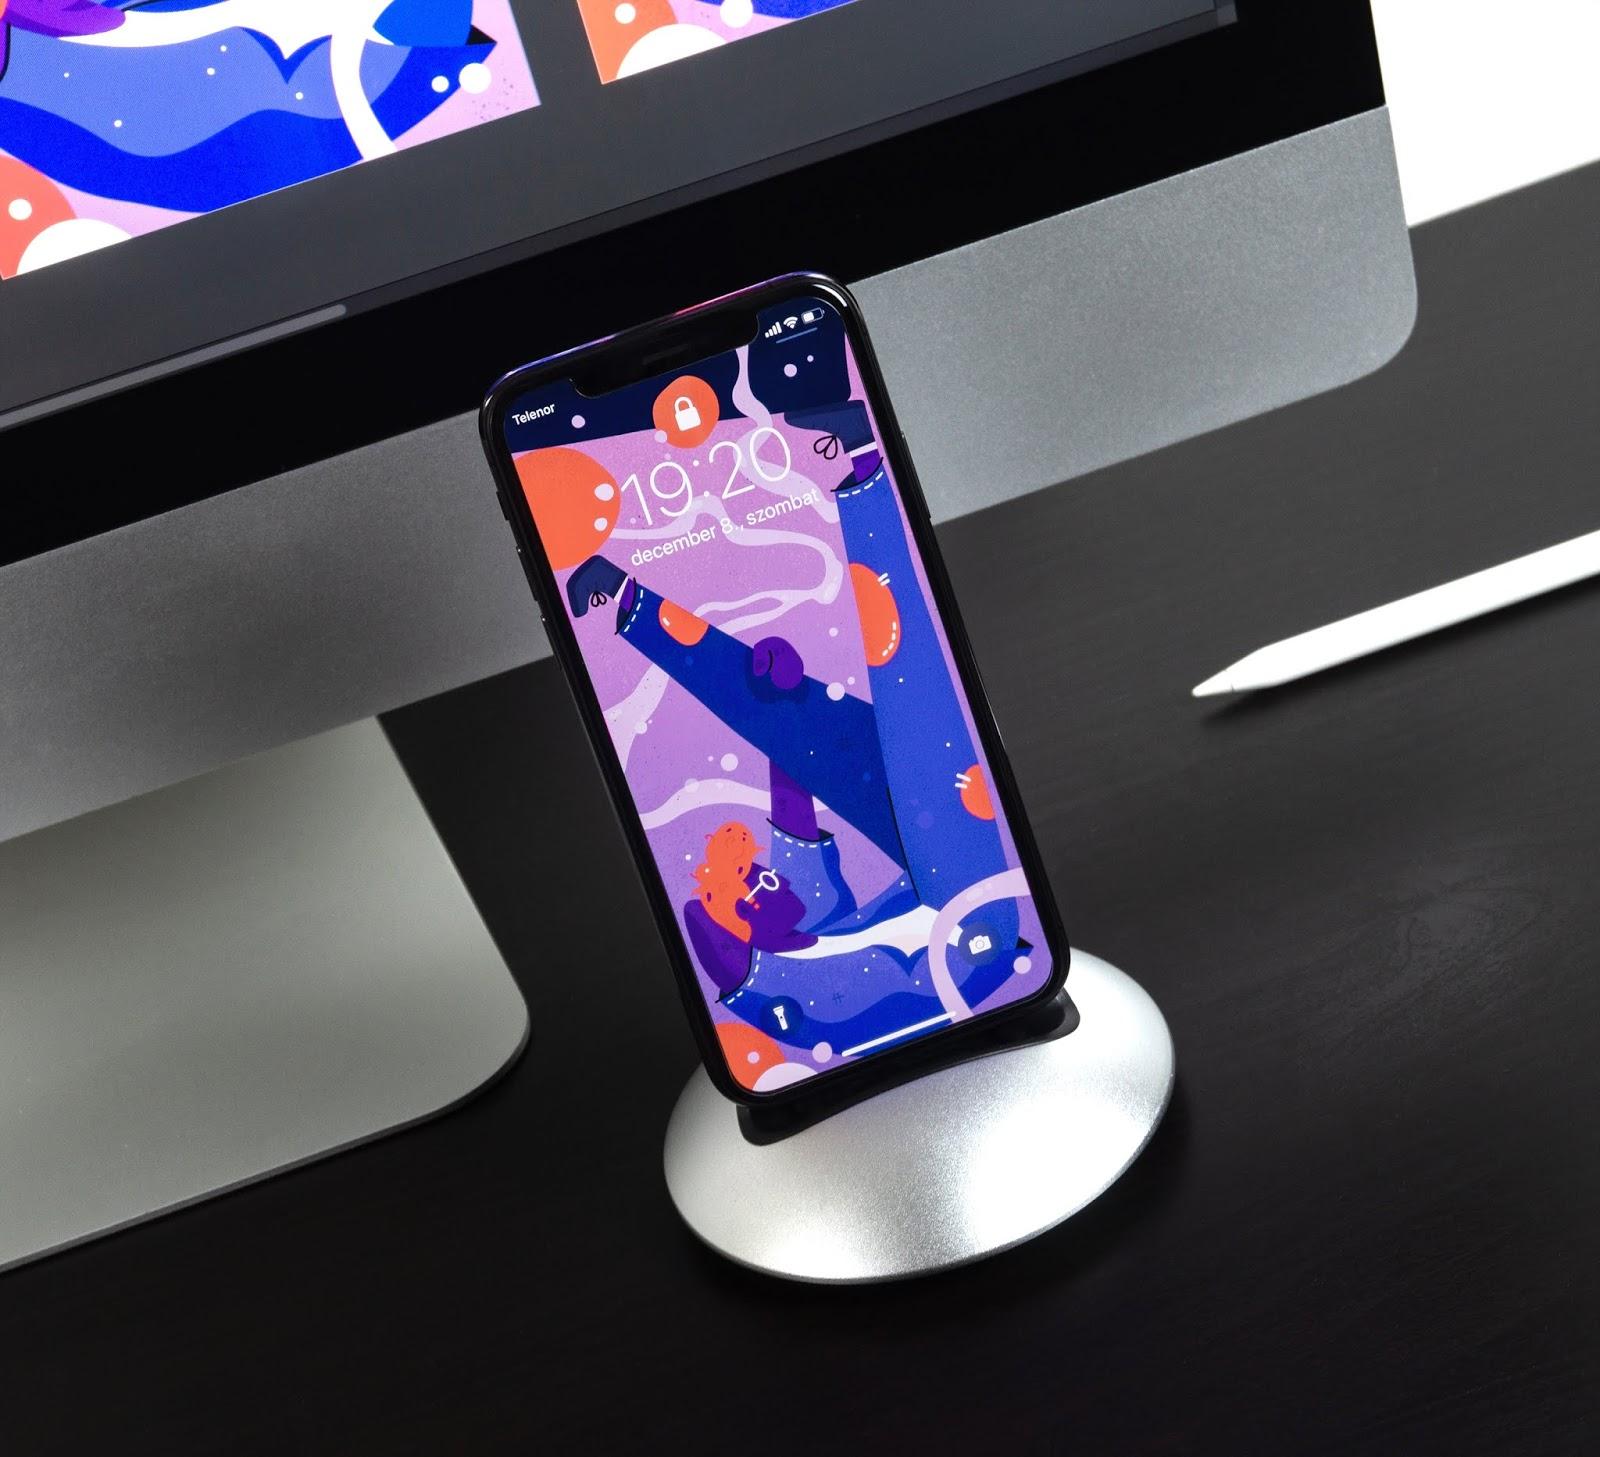 Saiba mais sobre as aplicações mais importantes do iPhone 7 plus